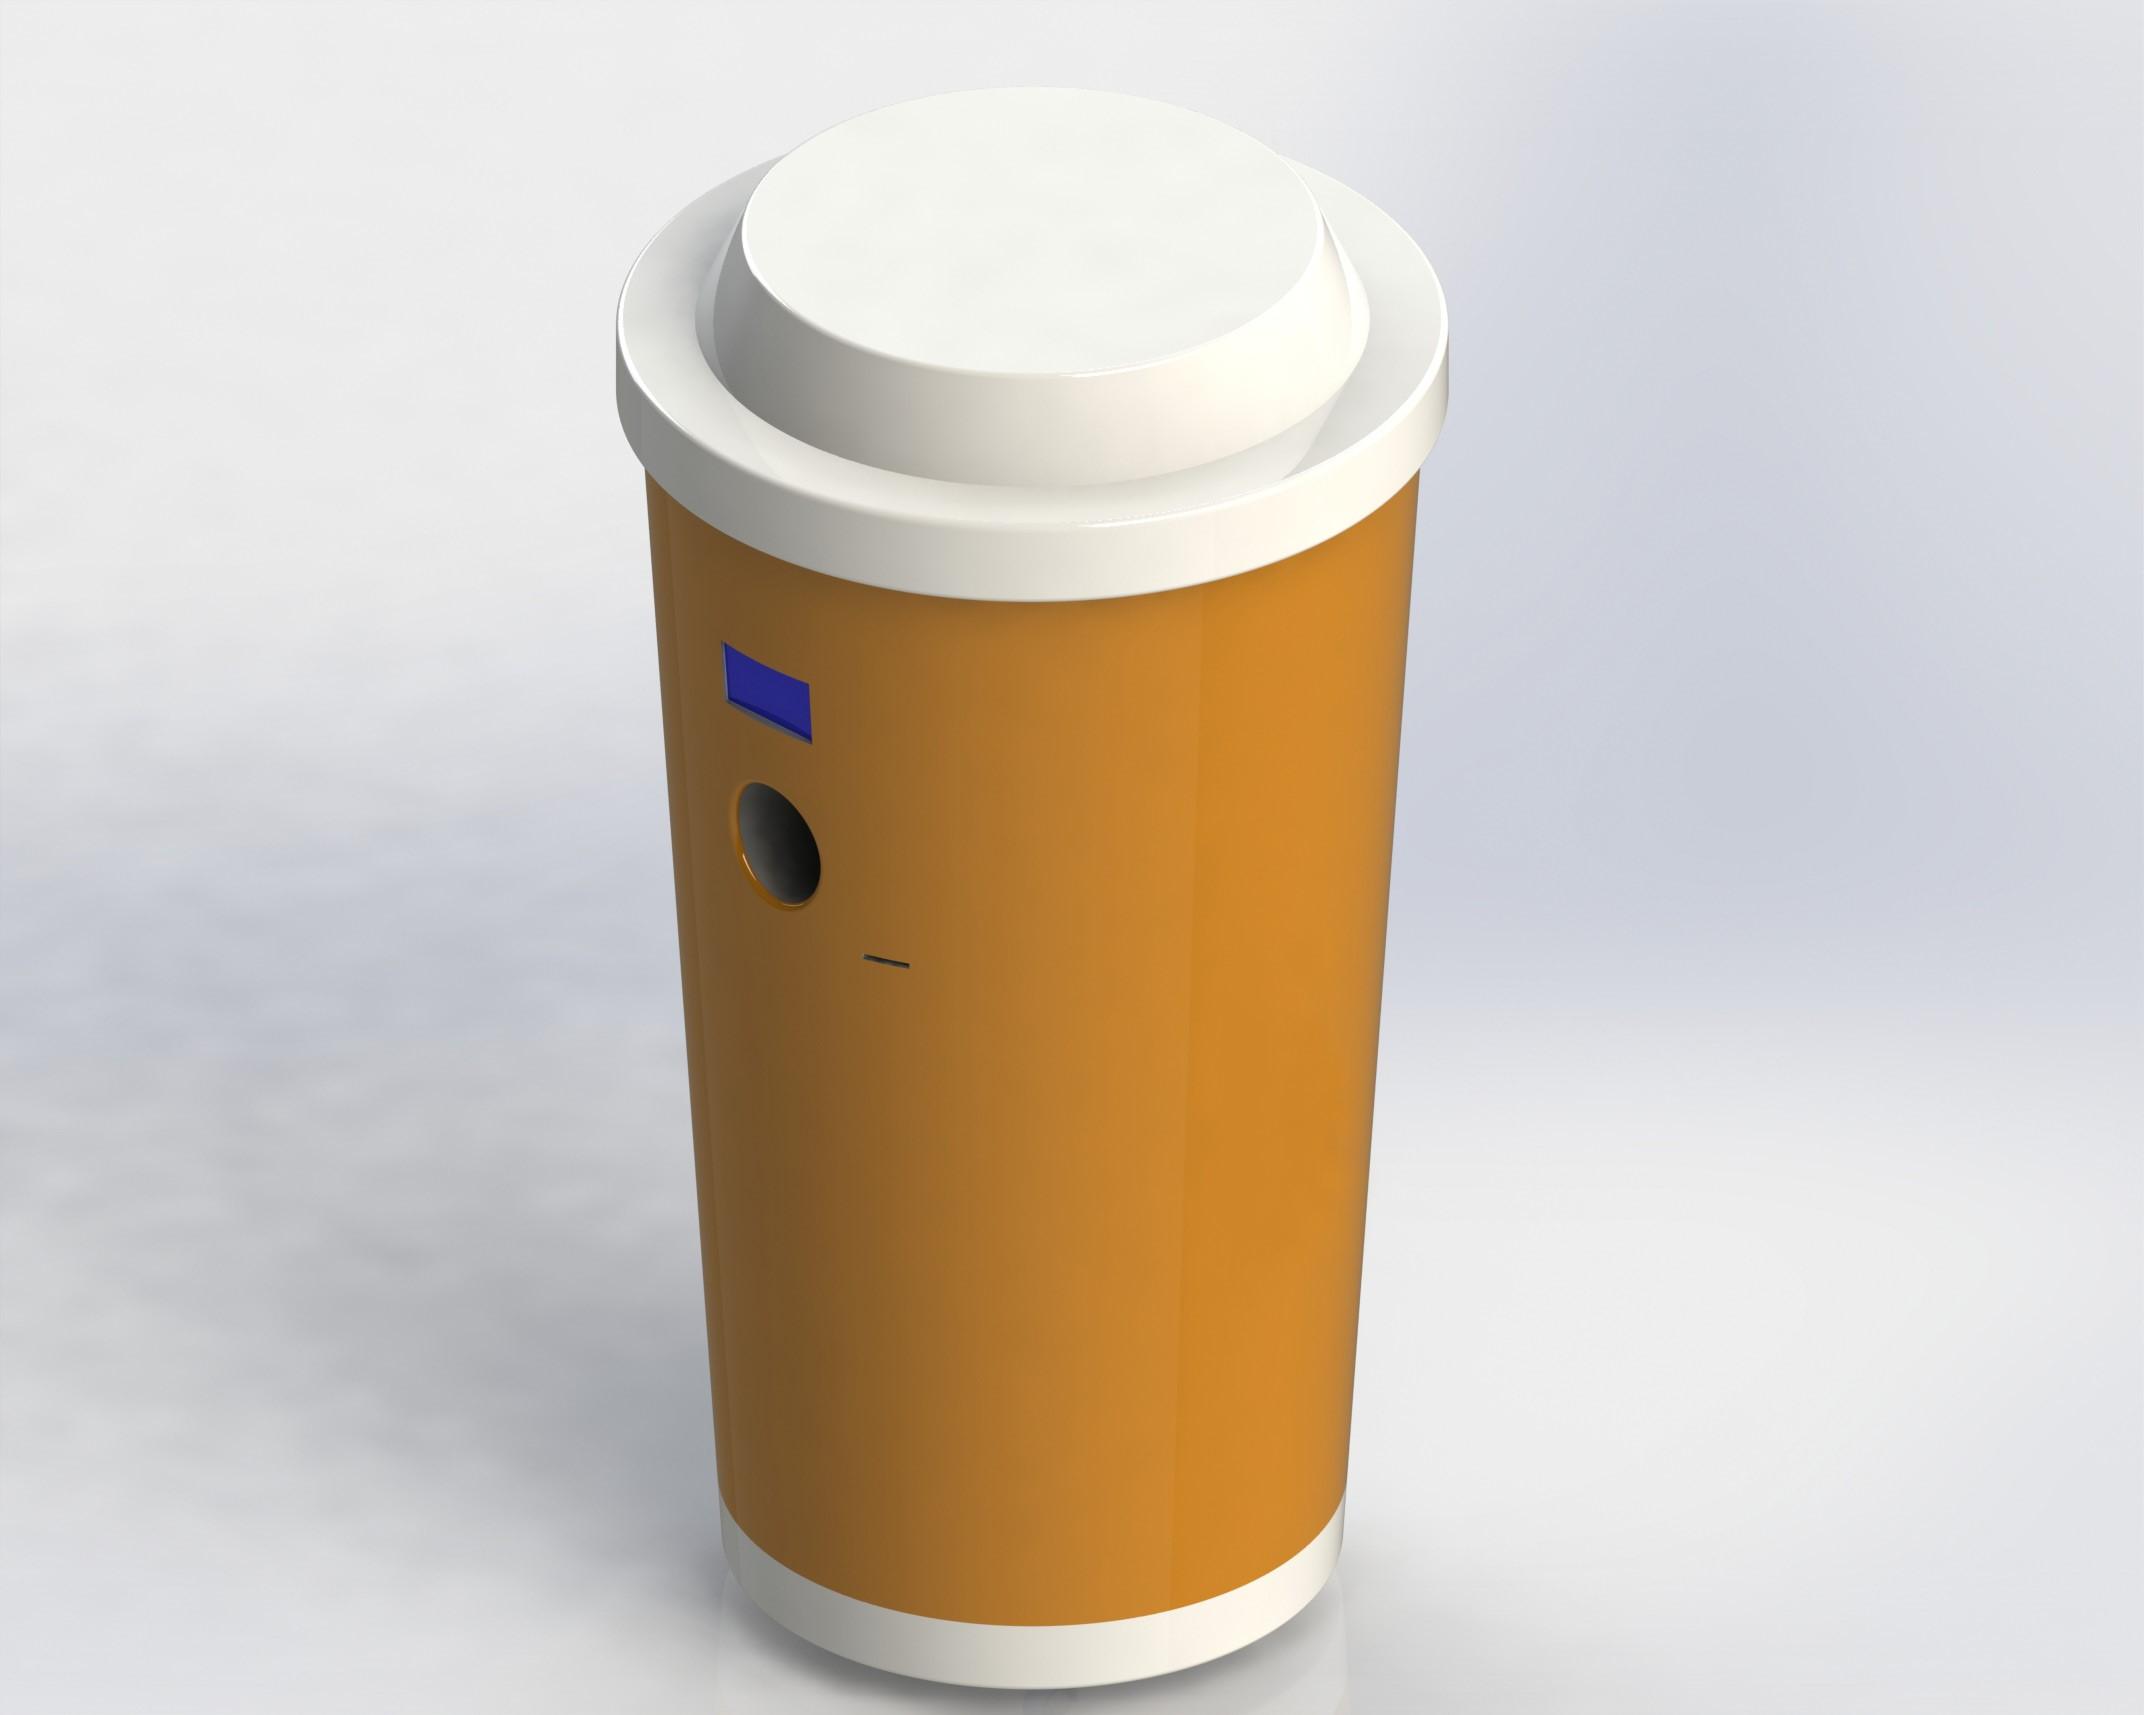 CupCycle_Pfandbecherautomat